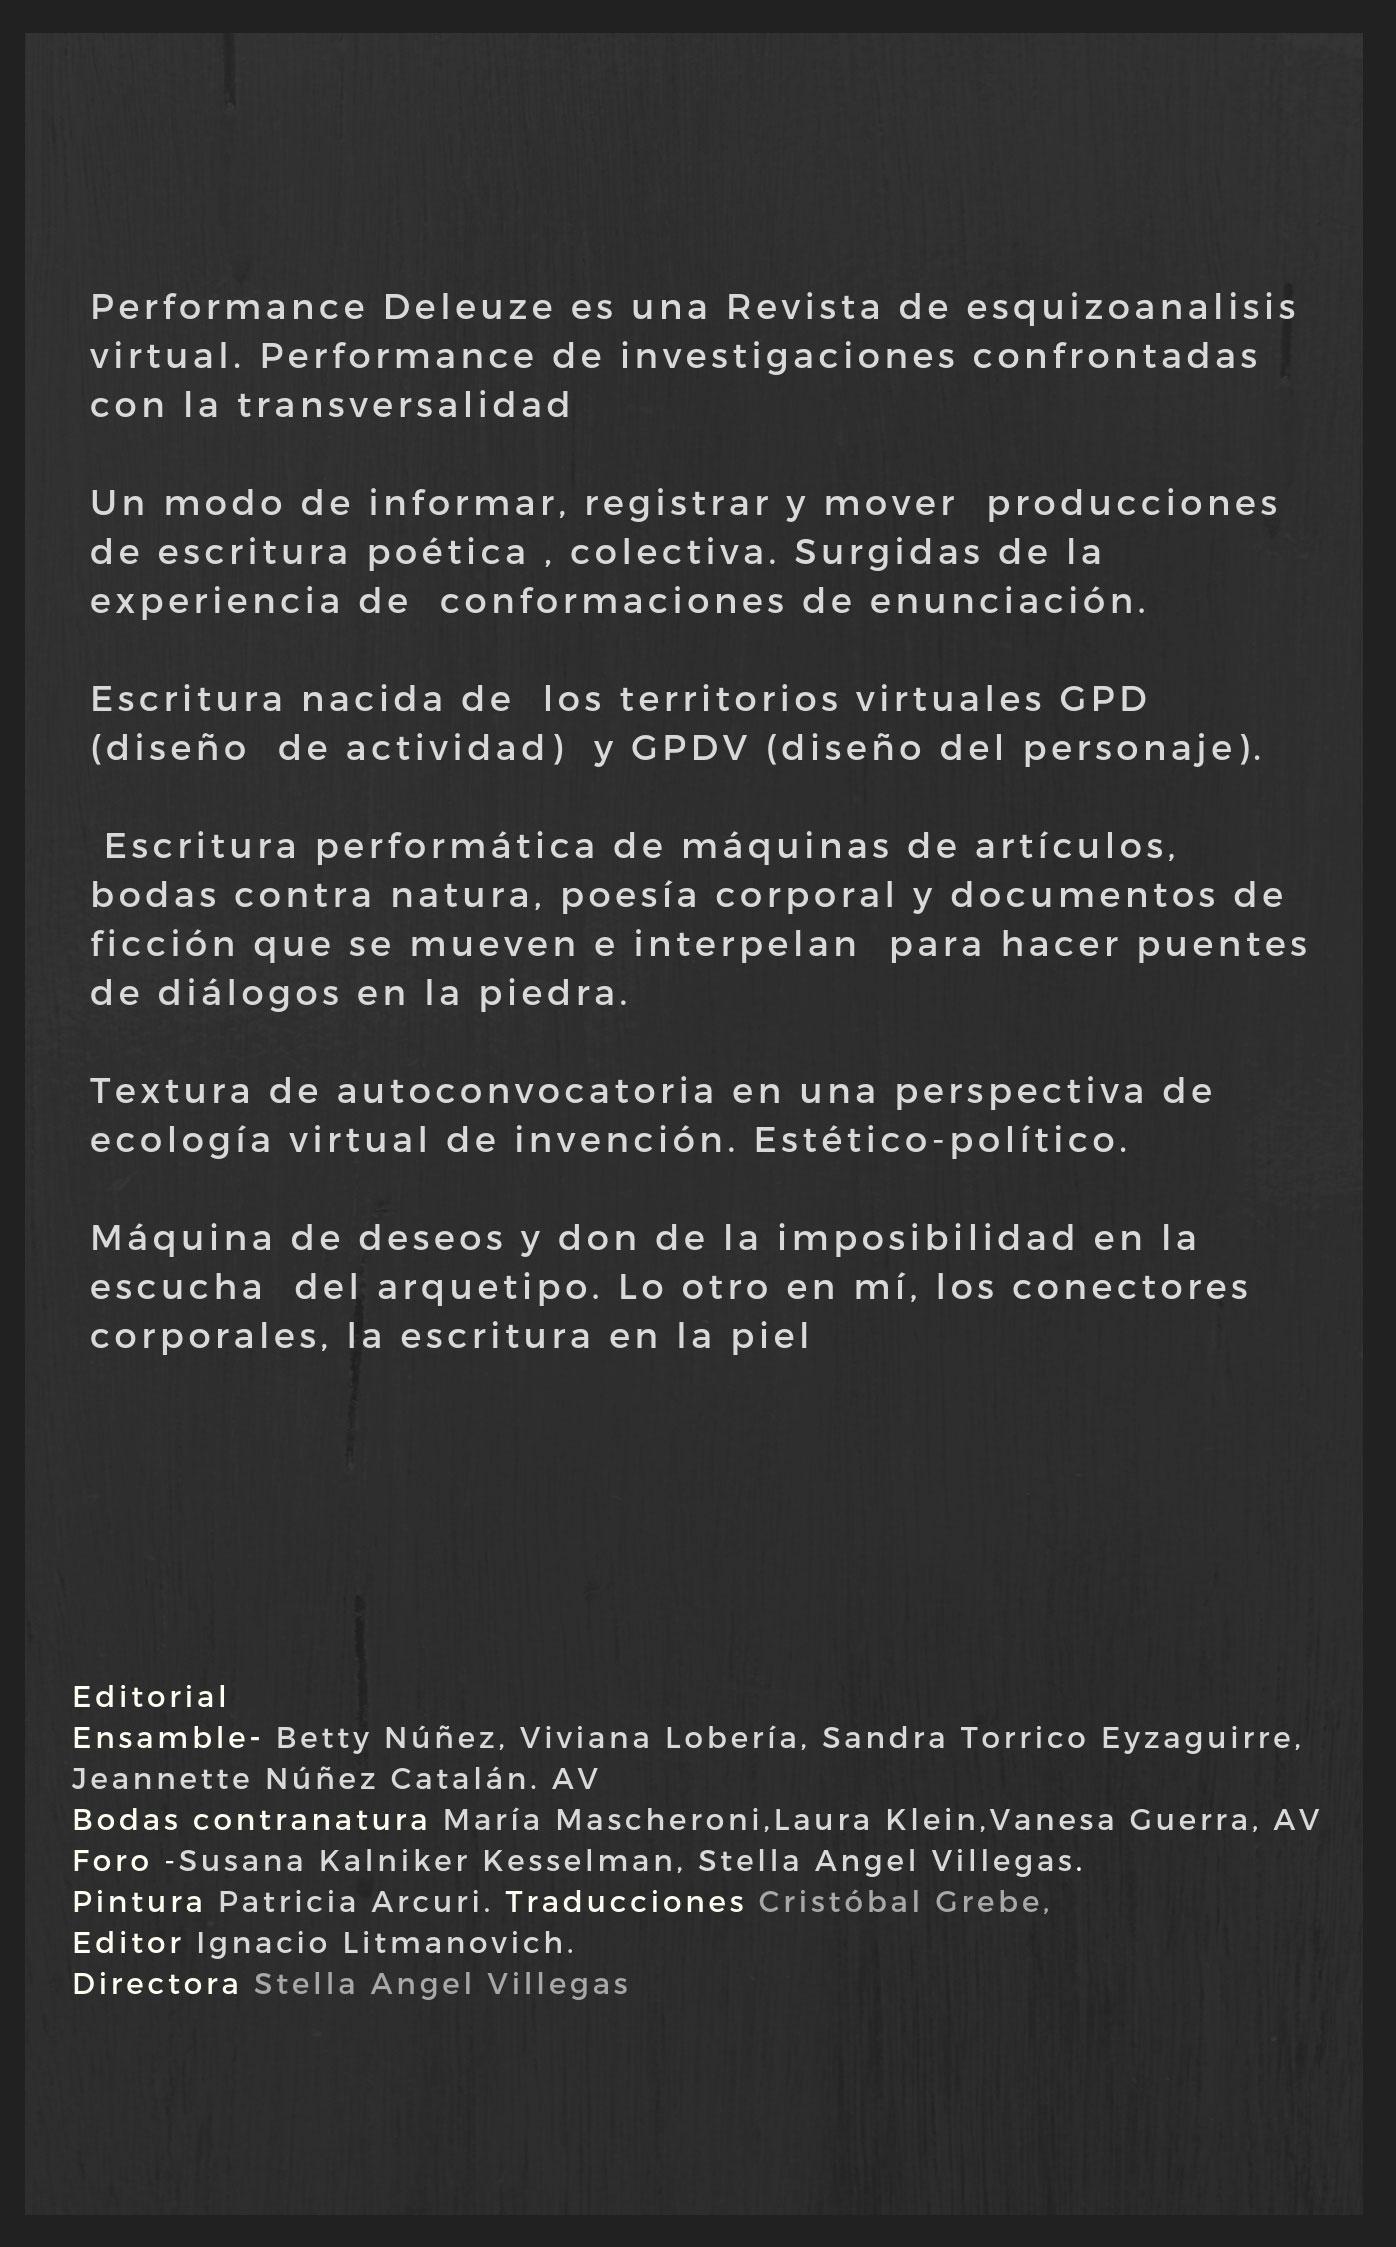 http://www.medicinayarte.com/img/revista_esquizoanalisis_contratapa.jpg